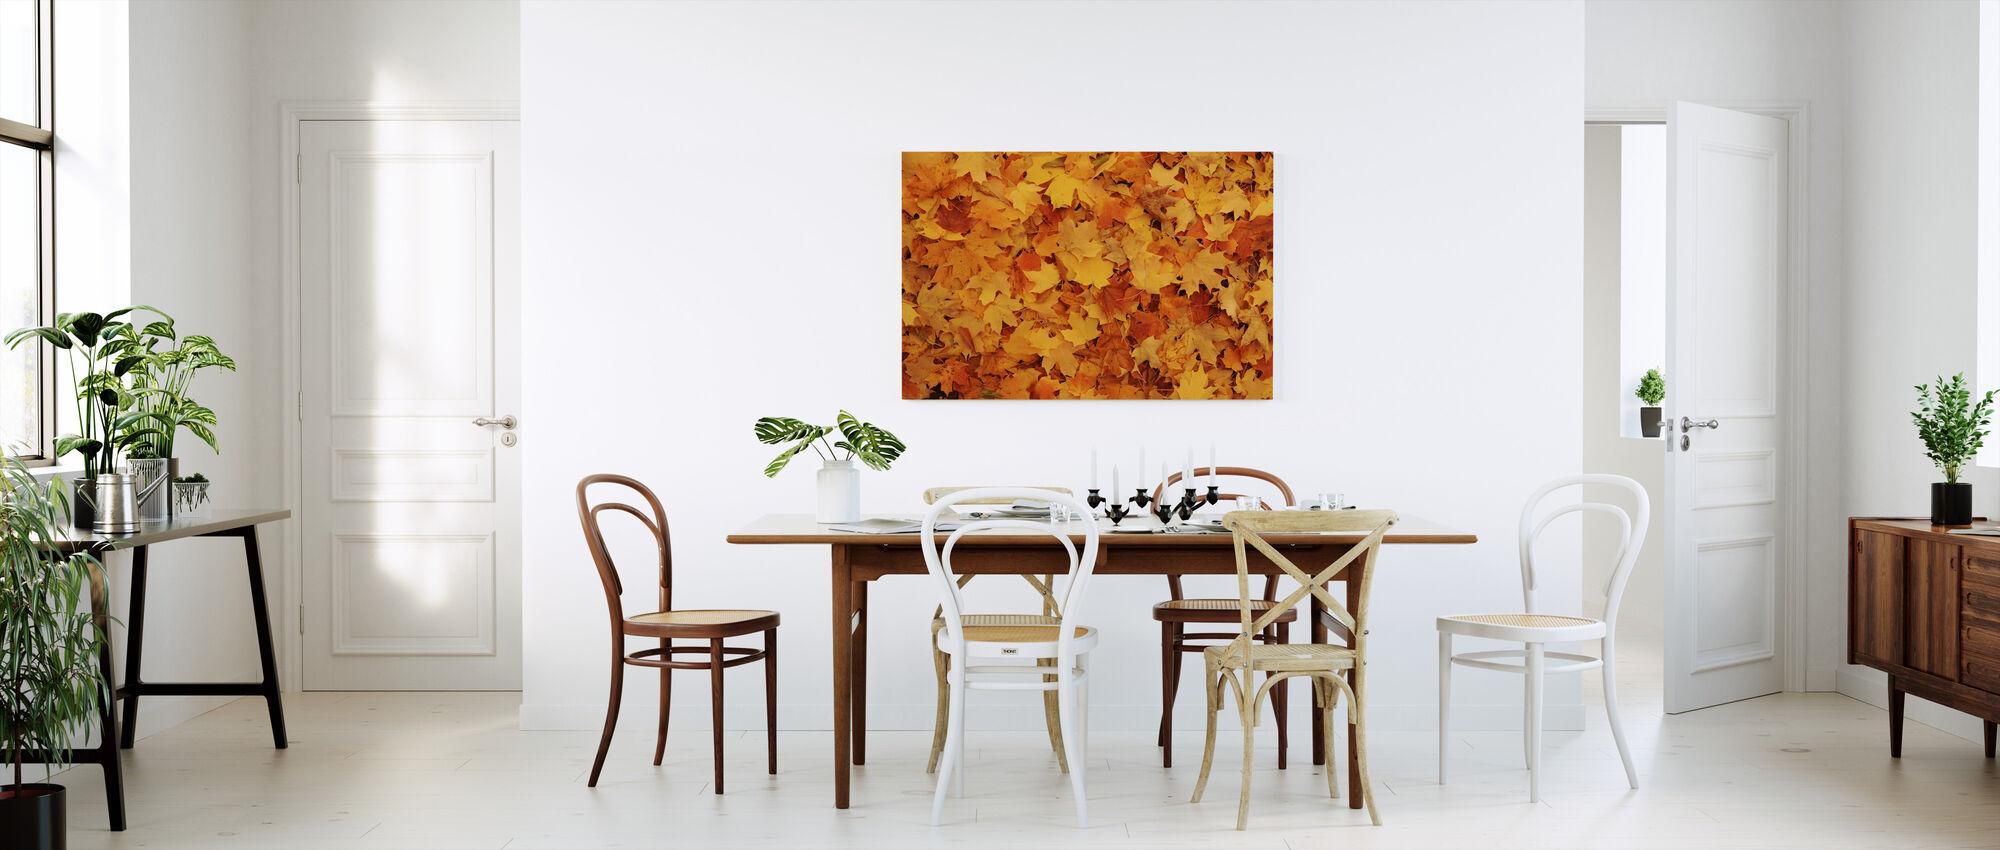 Säng av hösten lönnlöv - Canvastavla - Kök